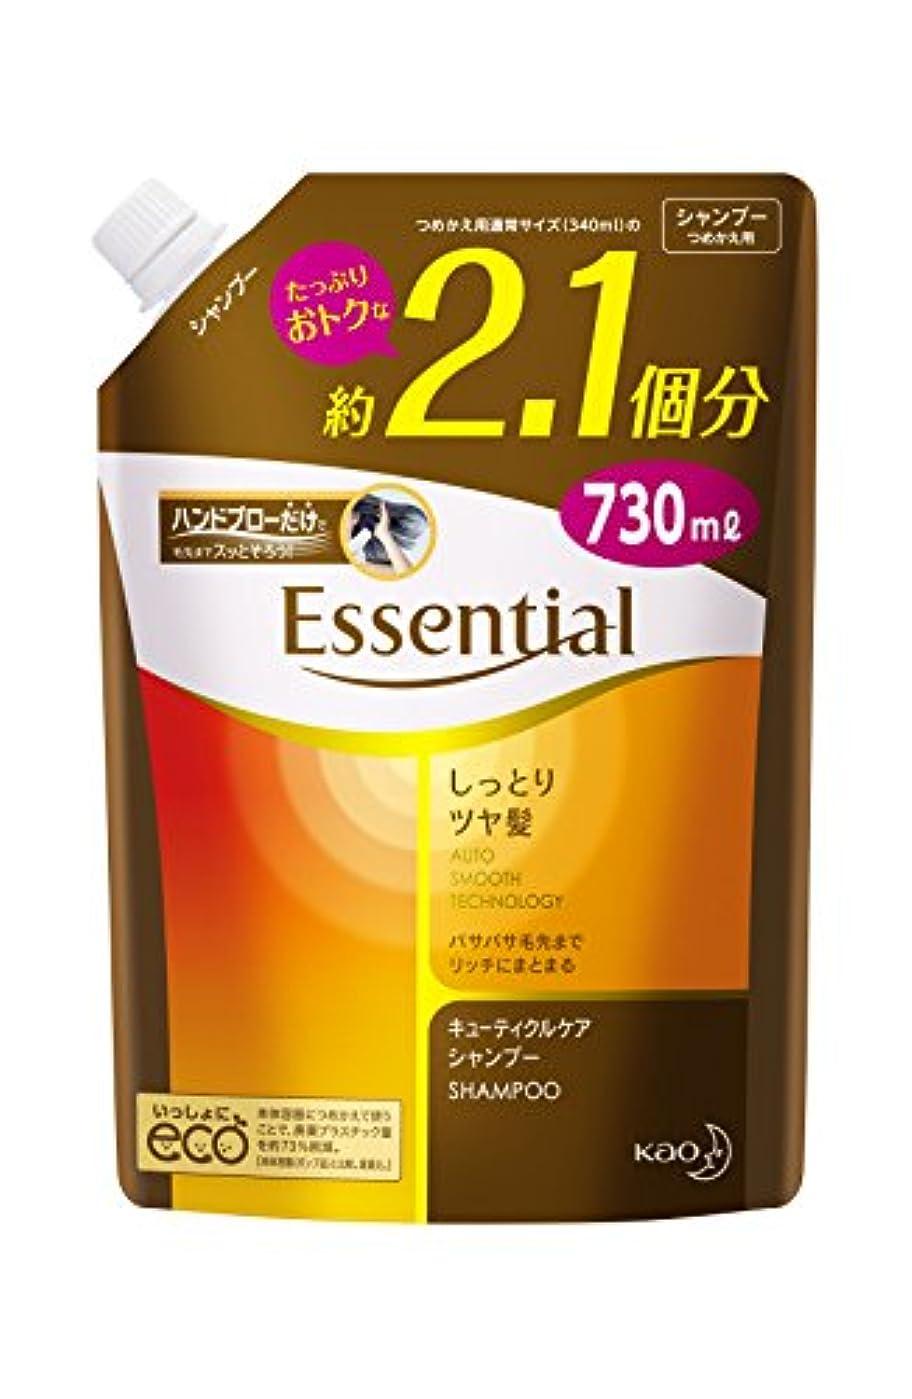 雑品海藻服を洗う【大容量】エッセンシャル しっとりツヤ髪シャンプー つめかえ用 730ml(2.1個分)